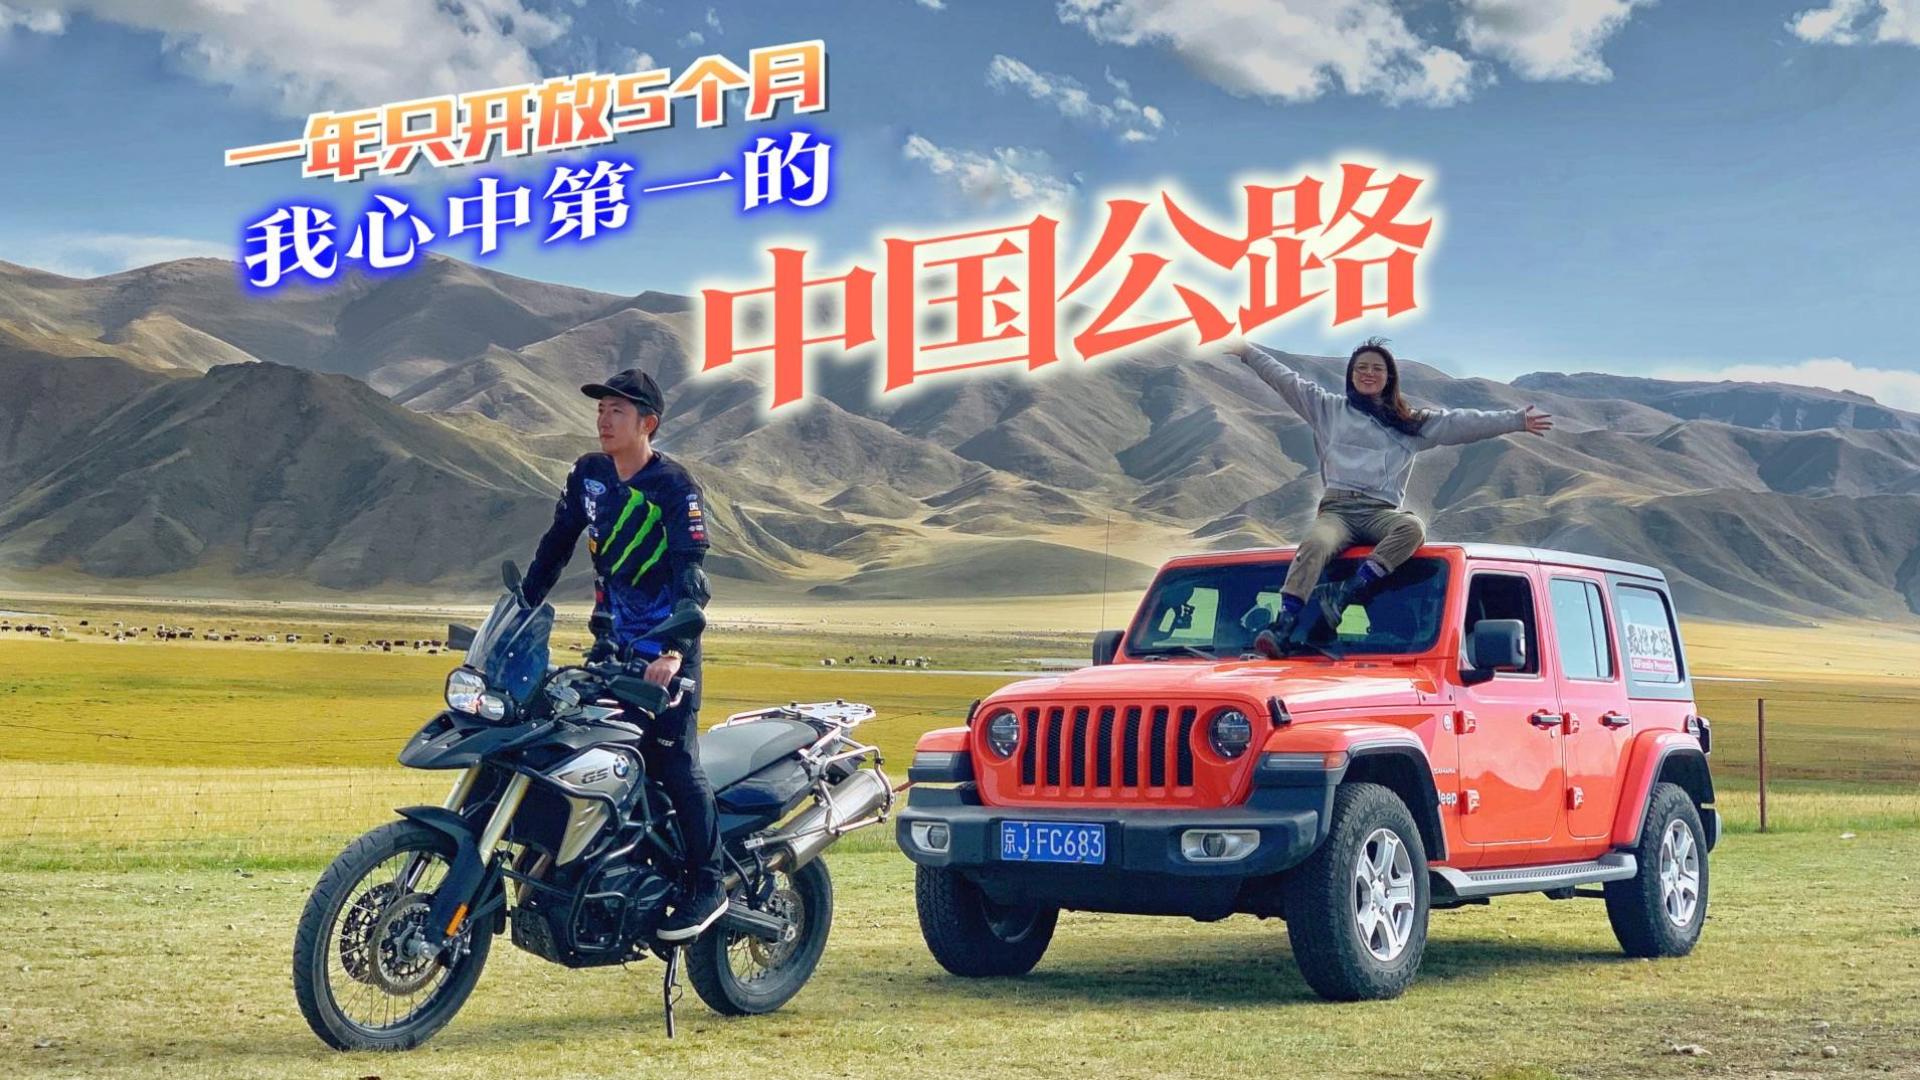 最燃之路--独库公路第一集,2天3000公里赶到我心中第一的中国公路